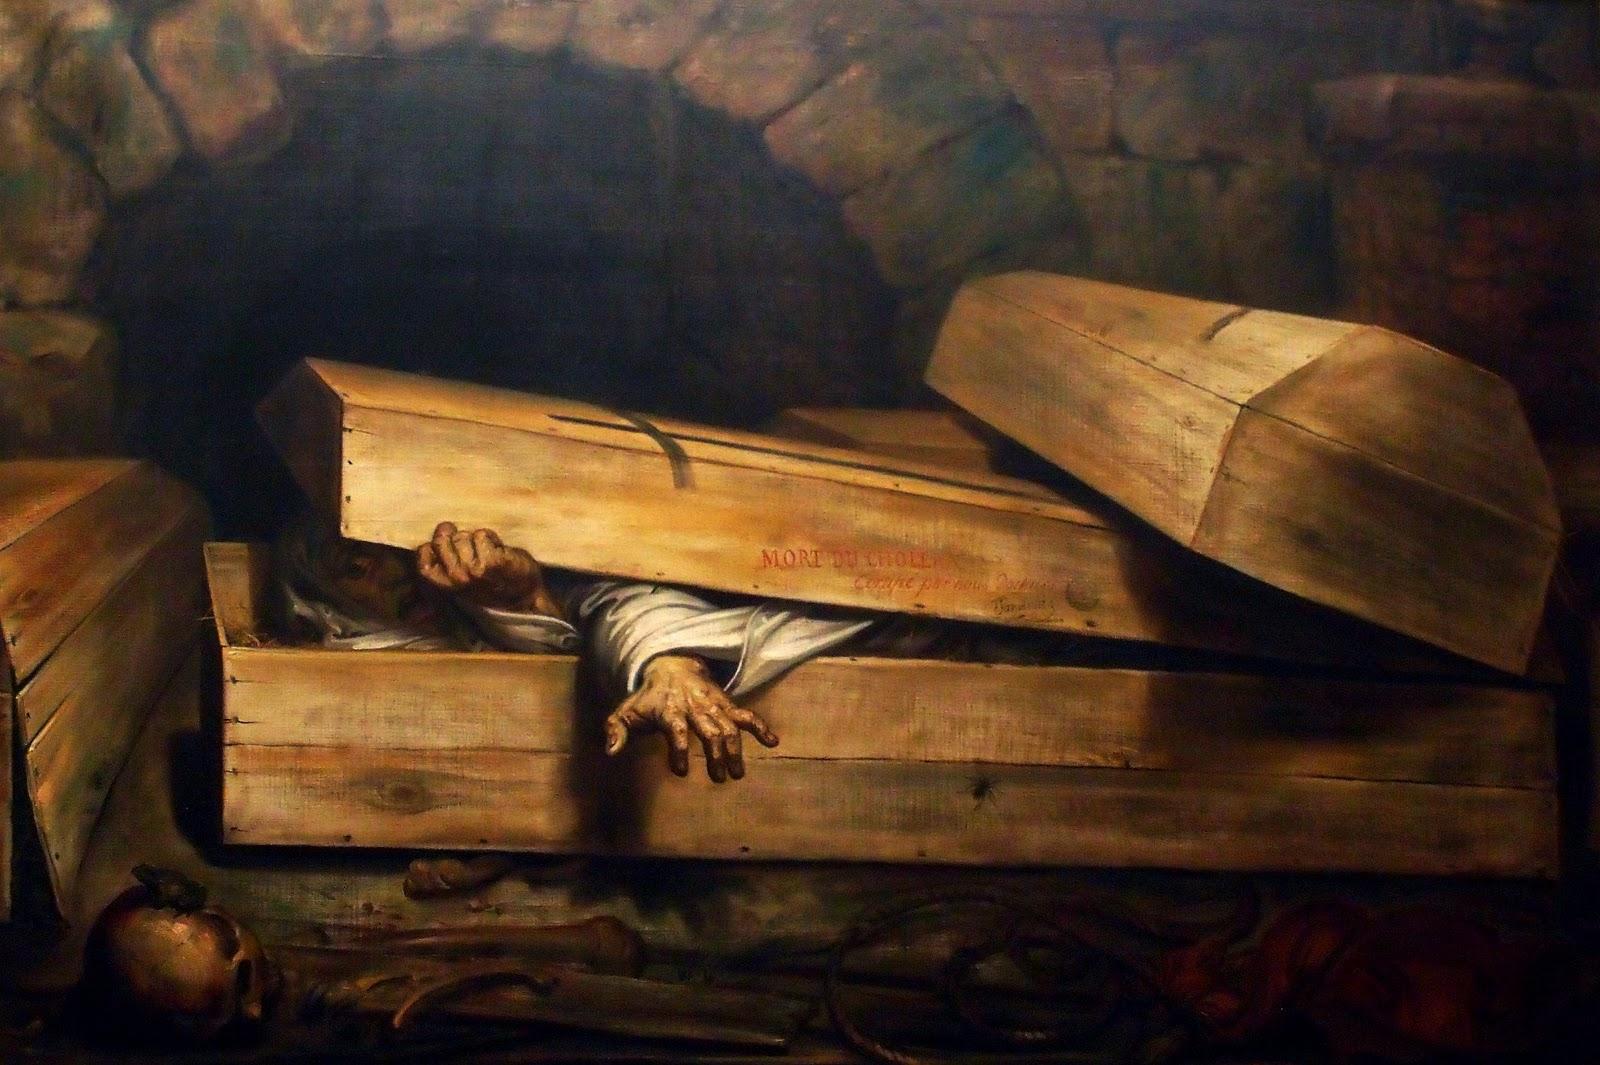 Antoine Wiertz, L'inhumation précipitée, huile sur toile, 1854,  Musée Wiertz, Bruxelles.